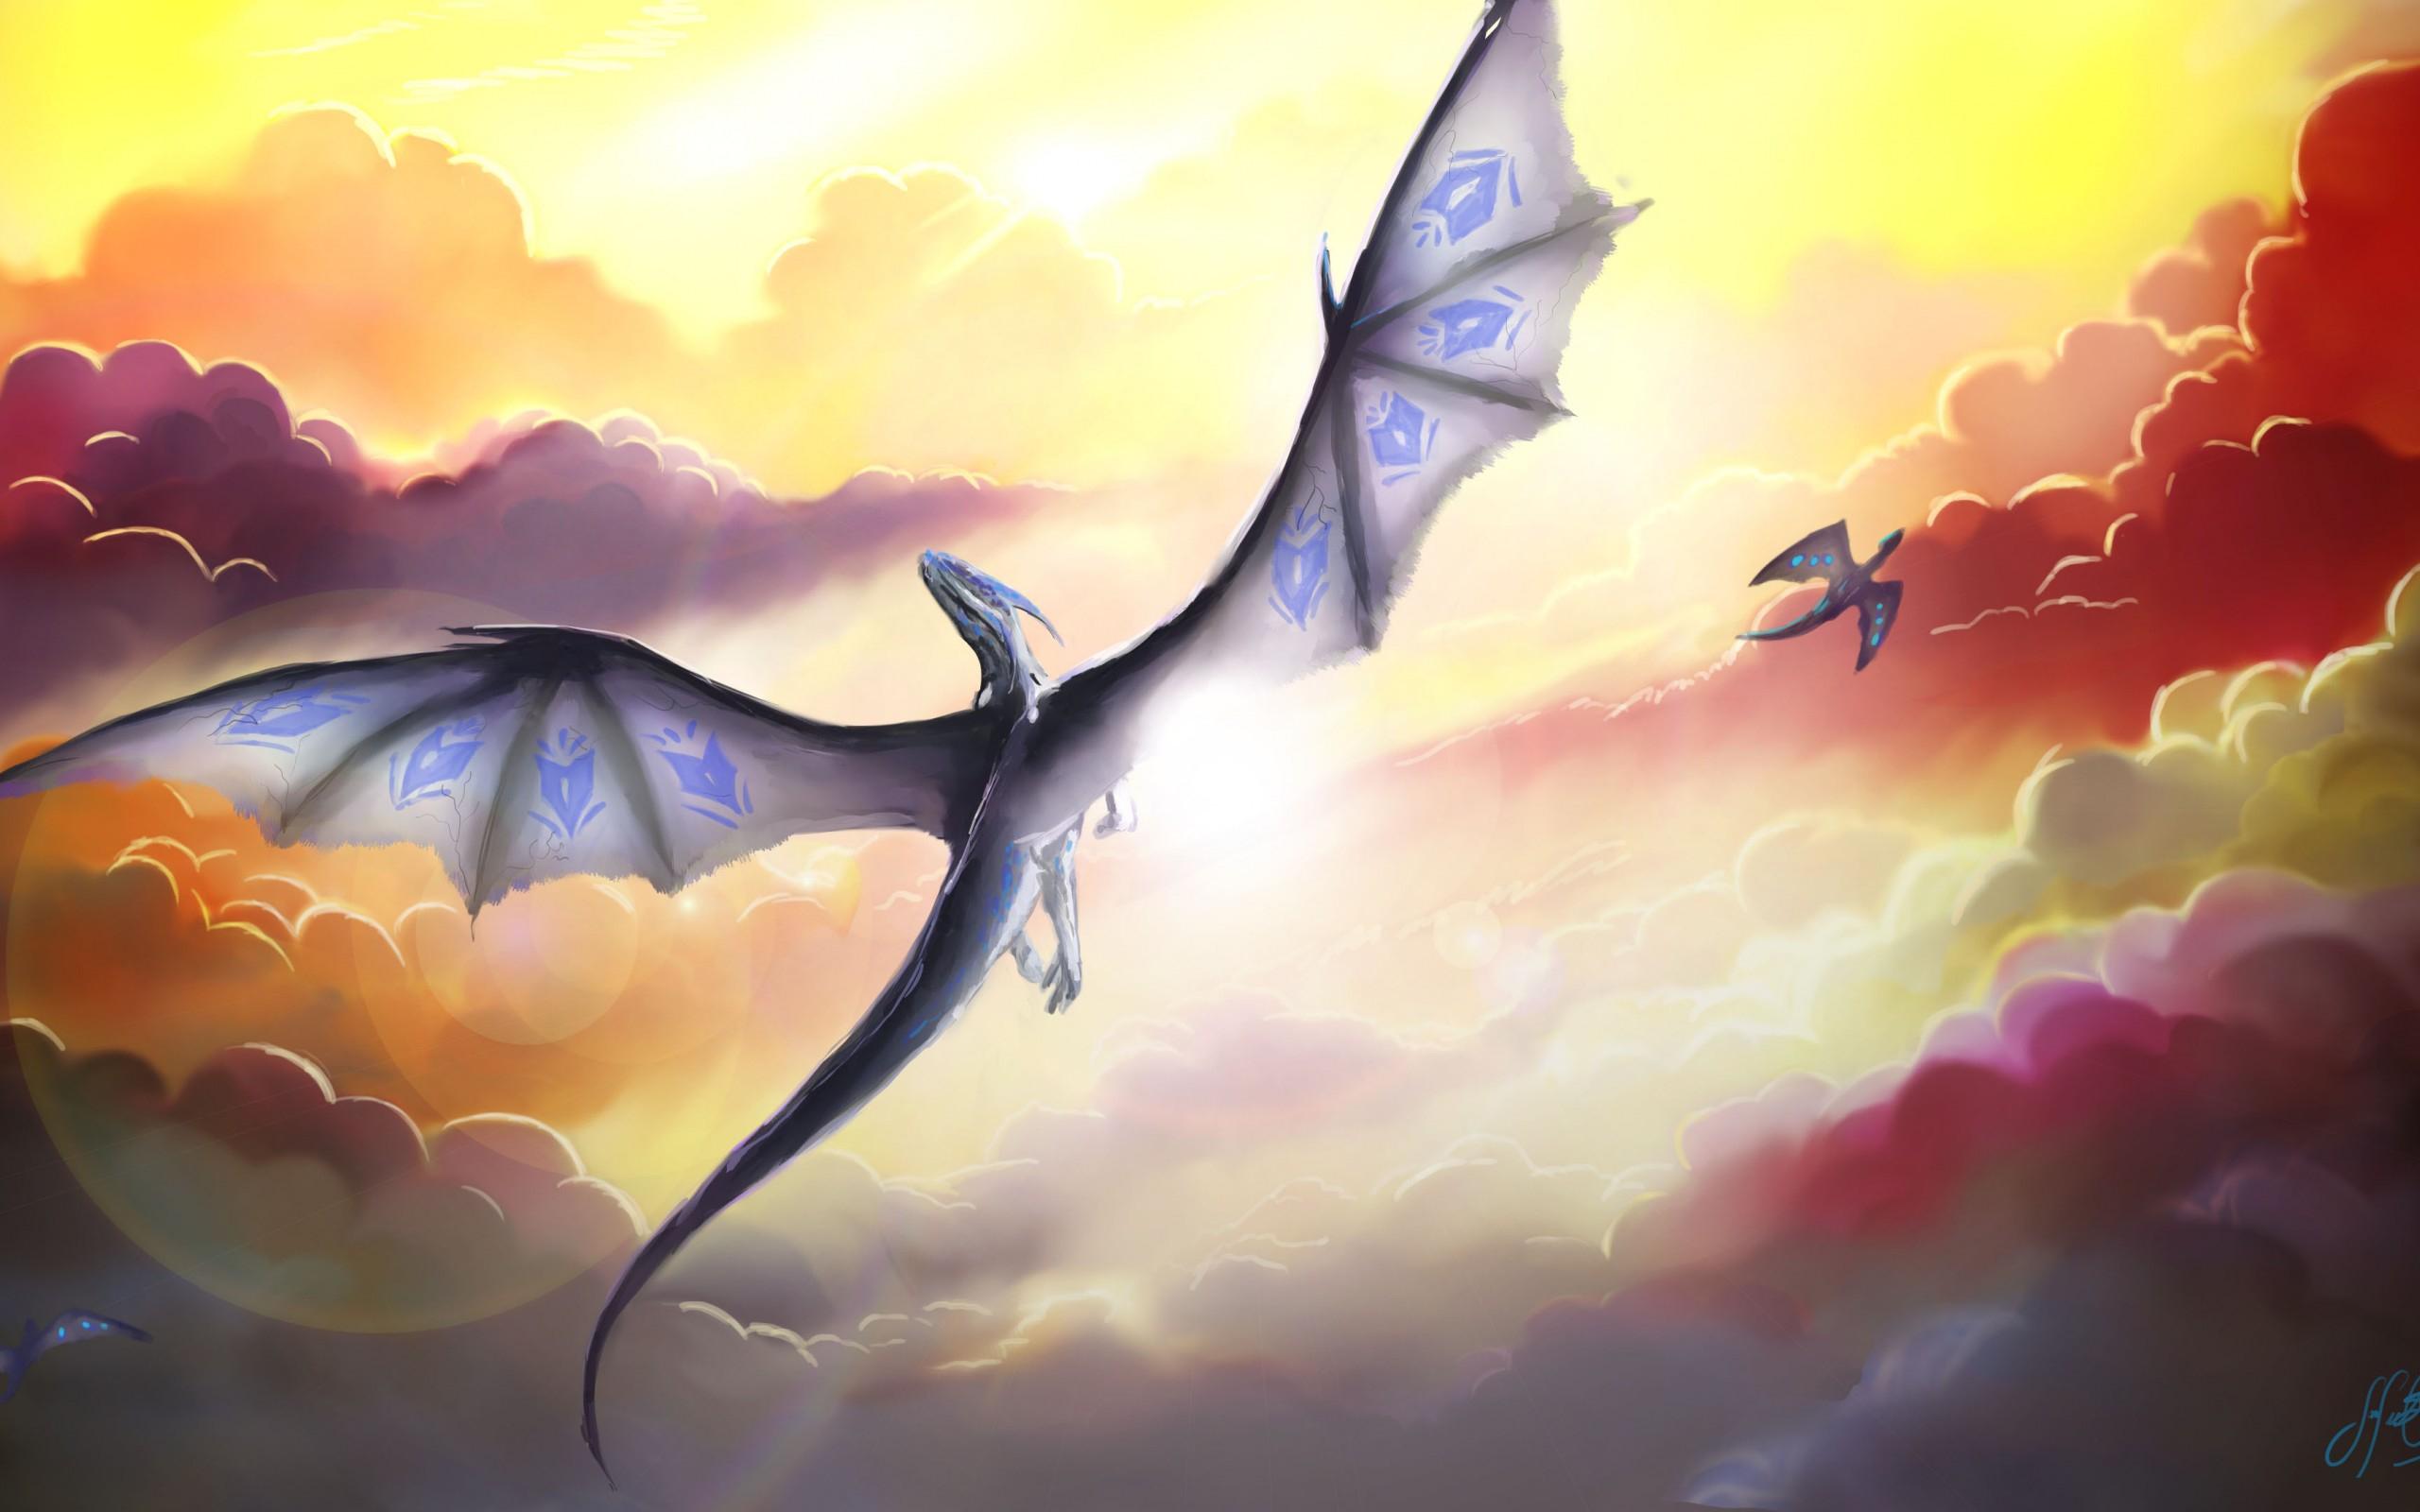 хорошо ловится небо драконы картинки на рабочий стол прошлом